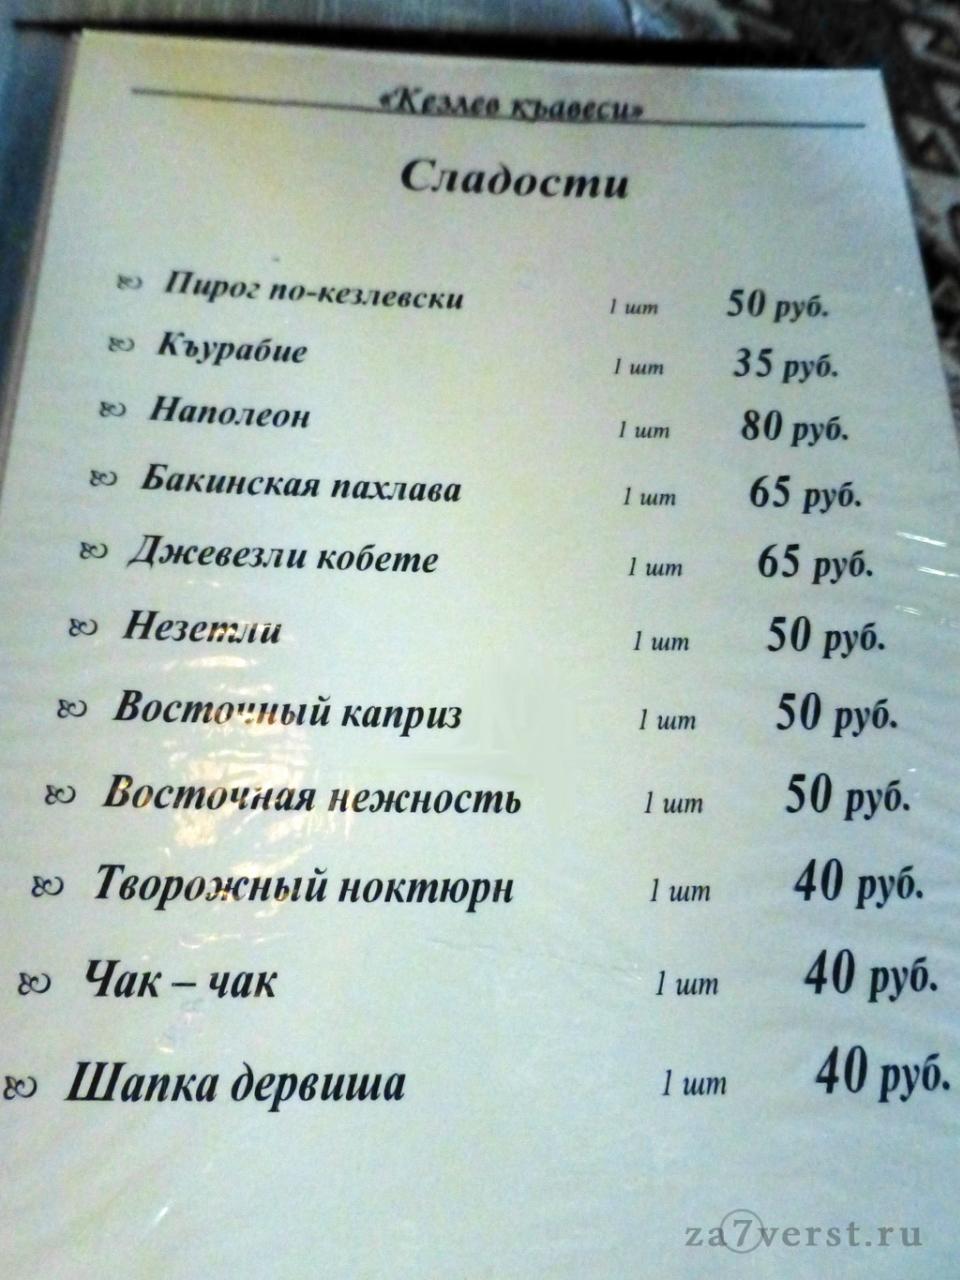 Меню сладости Кофейня Кезлев, Евпатория, Крым